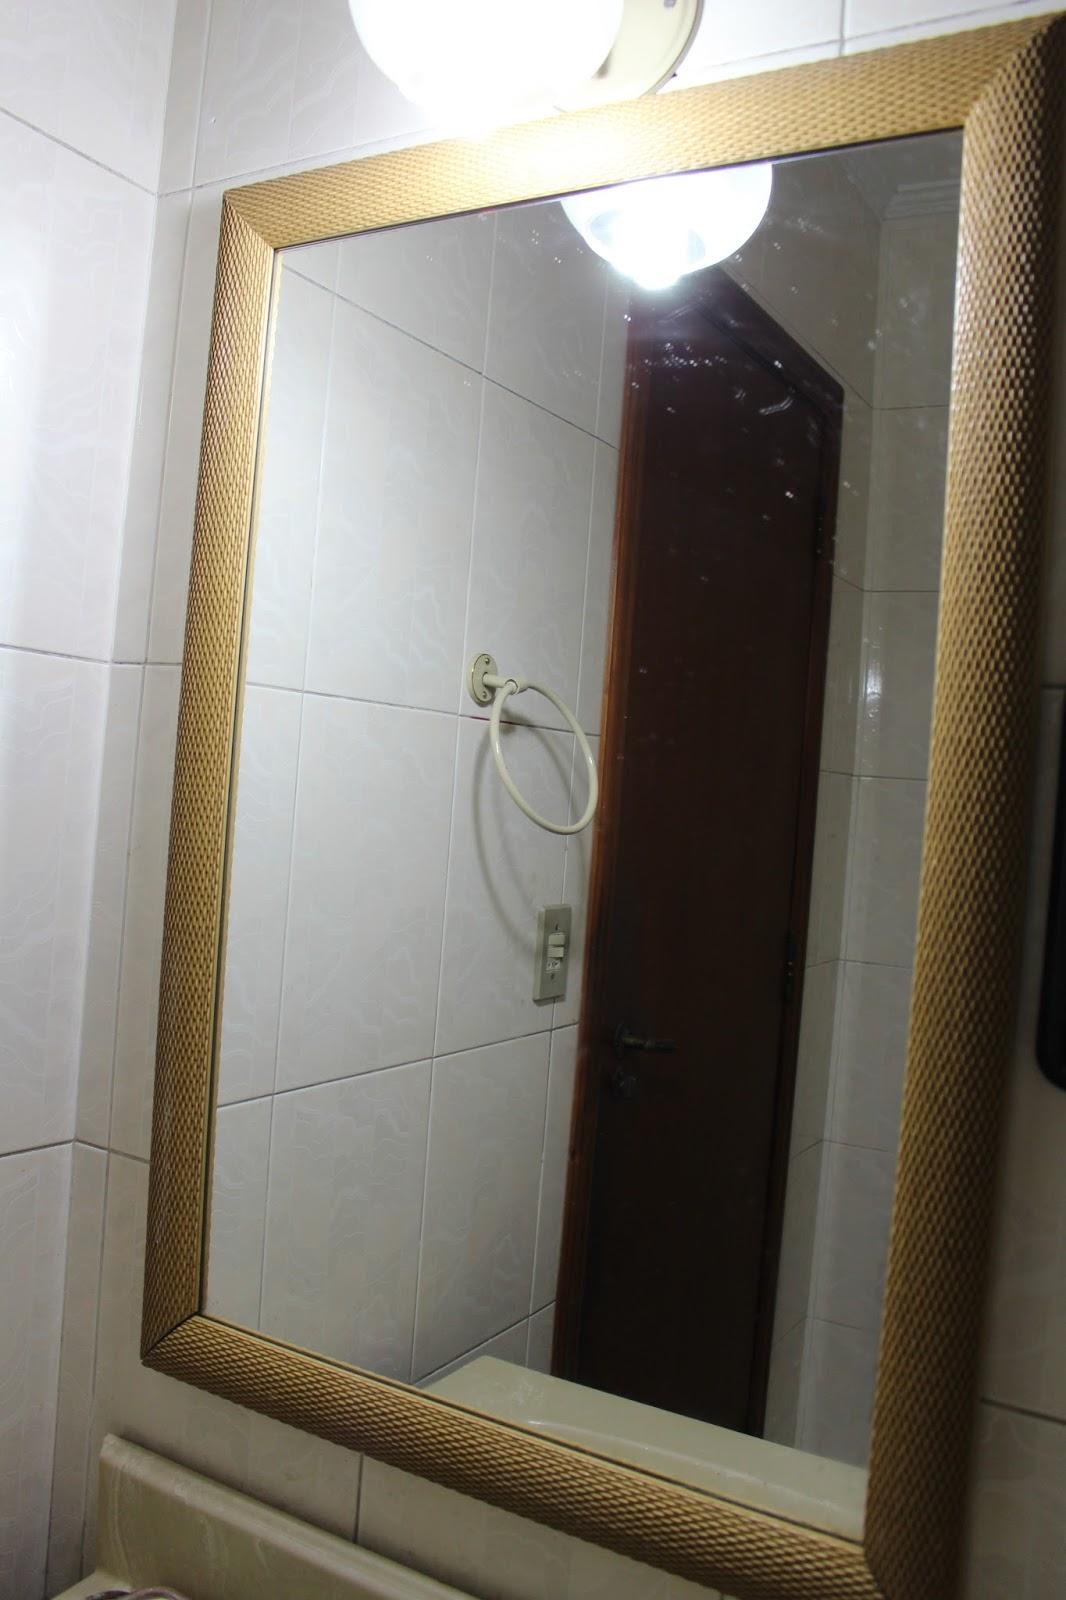 espelho ficou brilhando de tão limpo .( os pontinhos brancos acima  #887143 1066x1600 Banheiro Branco Como Limpar